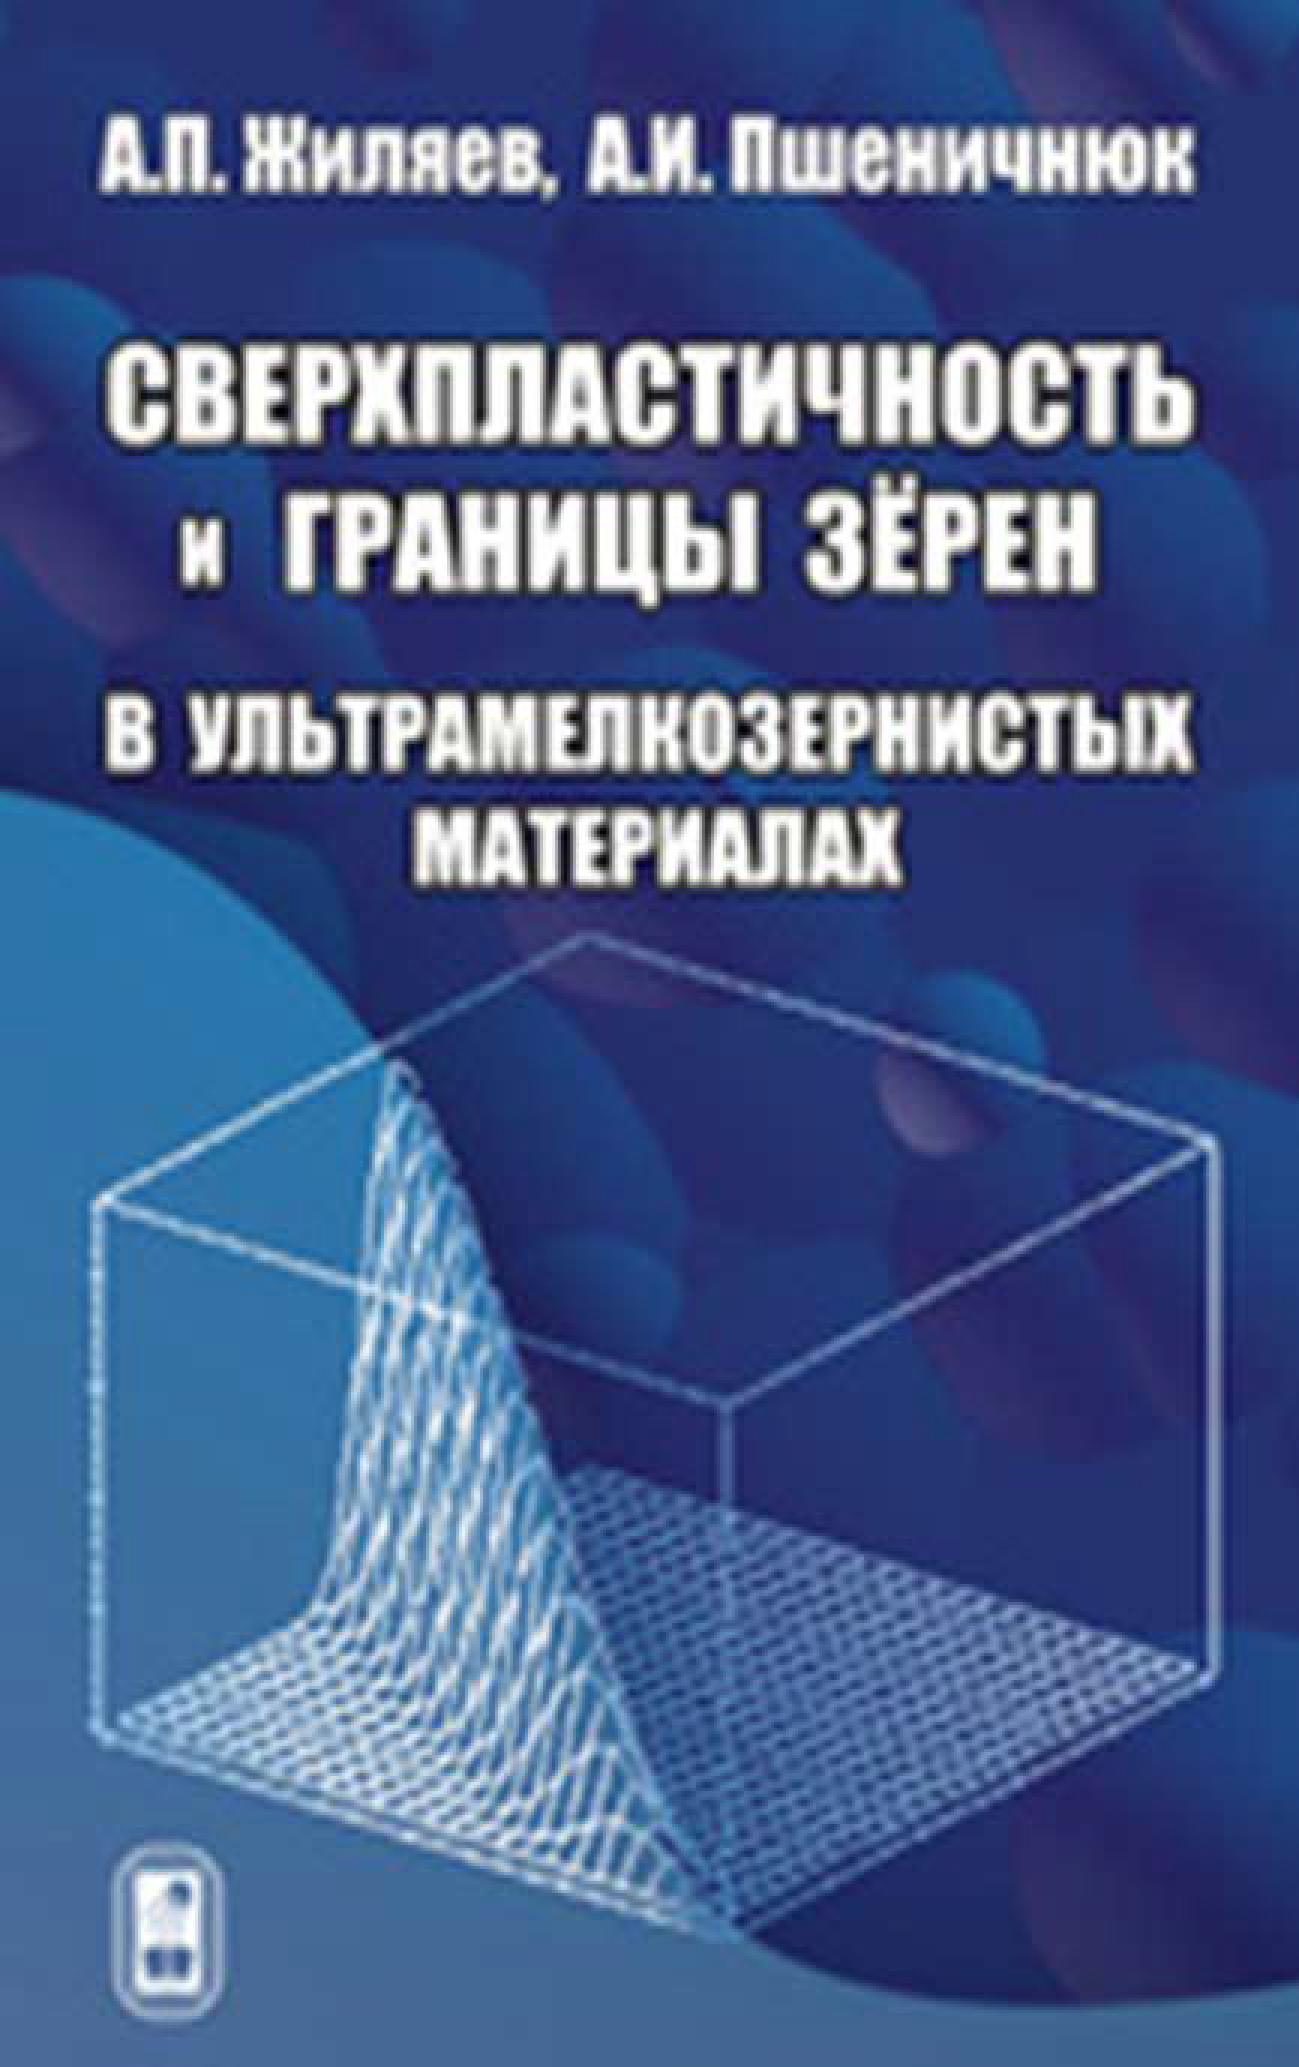 Александр Жиляев Сверхпластичность и границы зерен в ультрамелкозернистых материалах